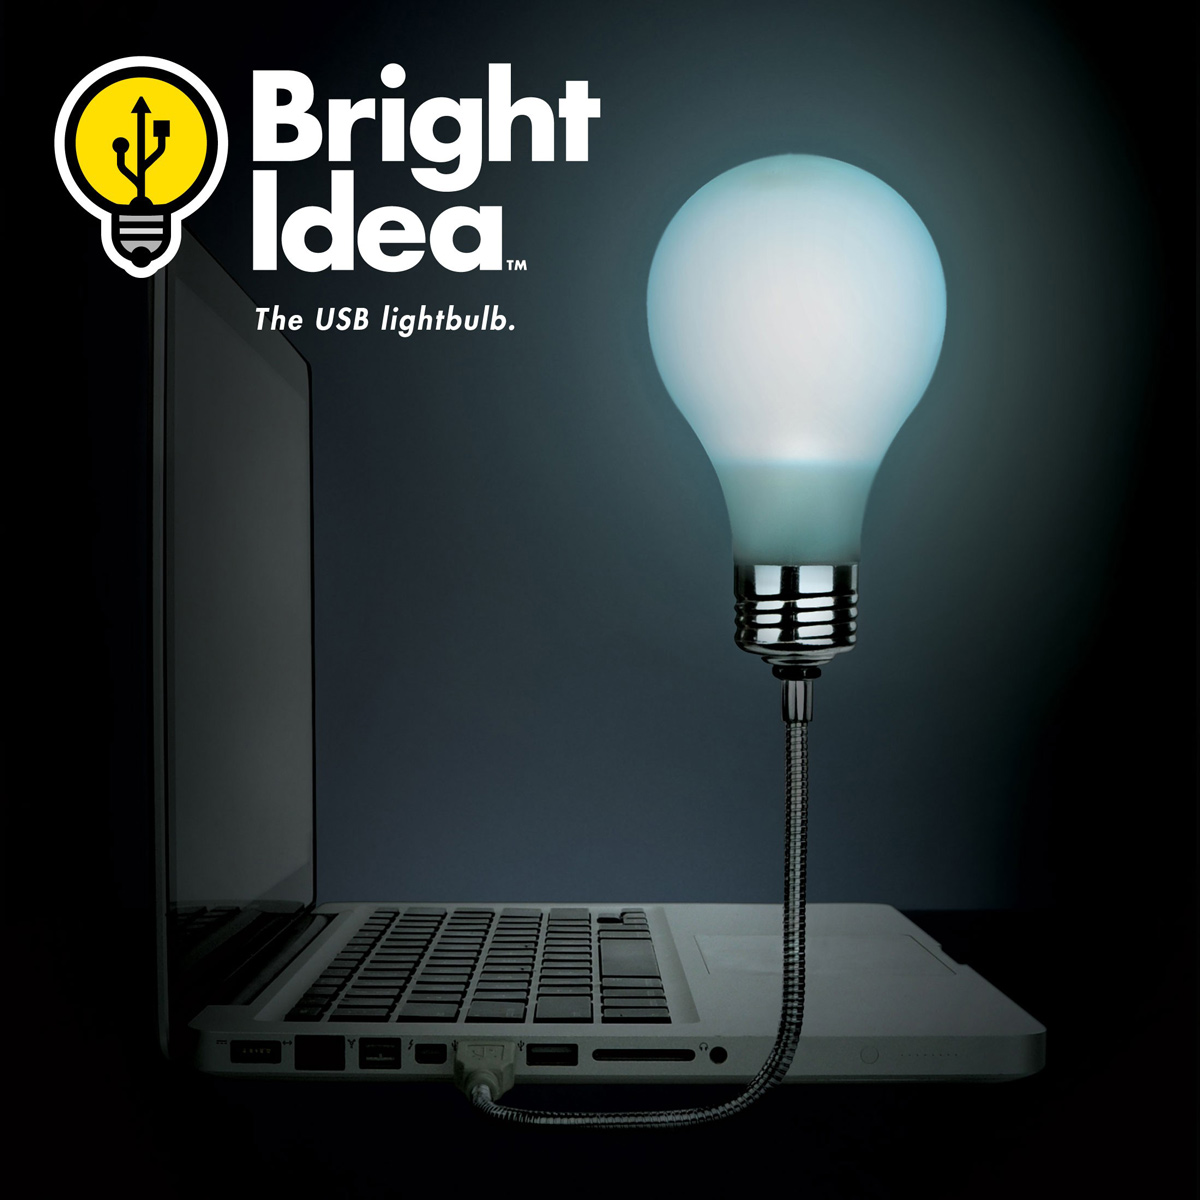 lampe usb ampoule phosphorescente gadget d 39 ordinateur insolite sur cadeaux et. Black Bedroom Furniture Sets. Home Design Ideas